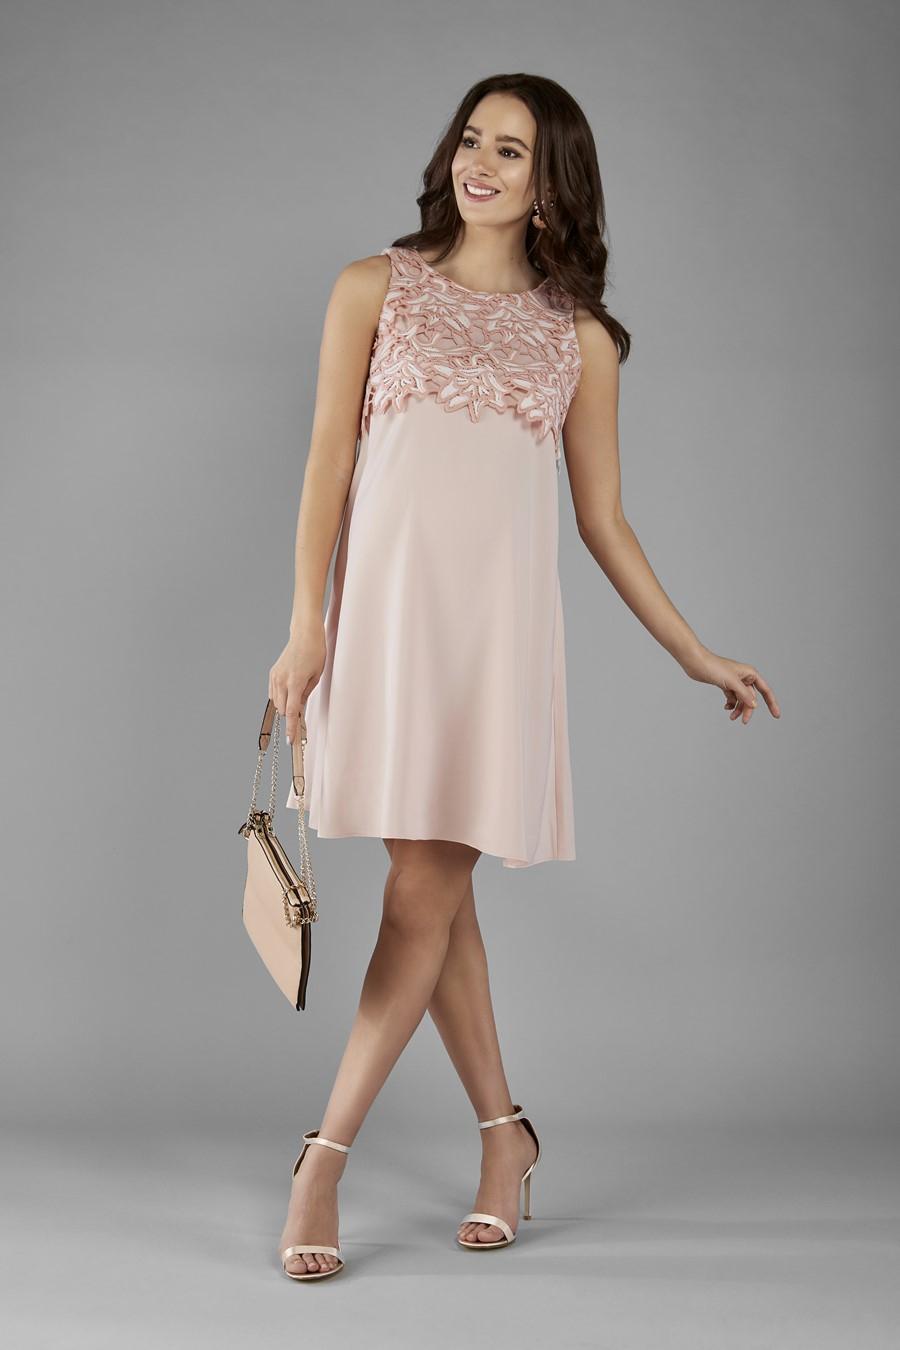 97a78f2b1 Elpasa Tehotenské šaty Ines - BabyMarket